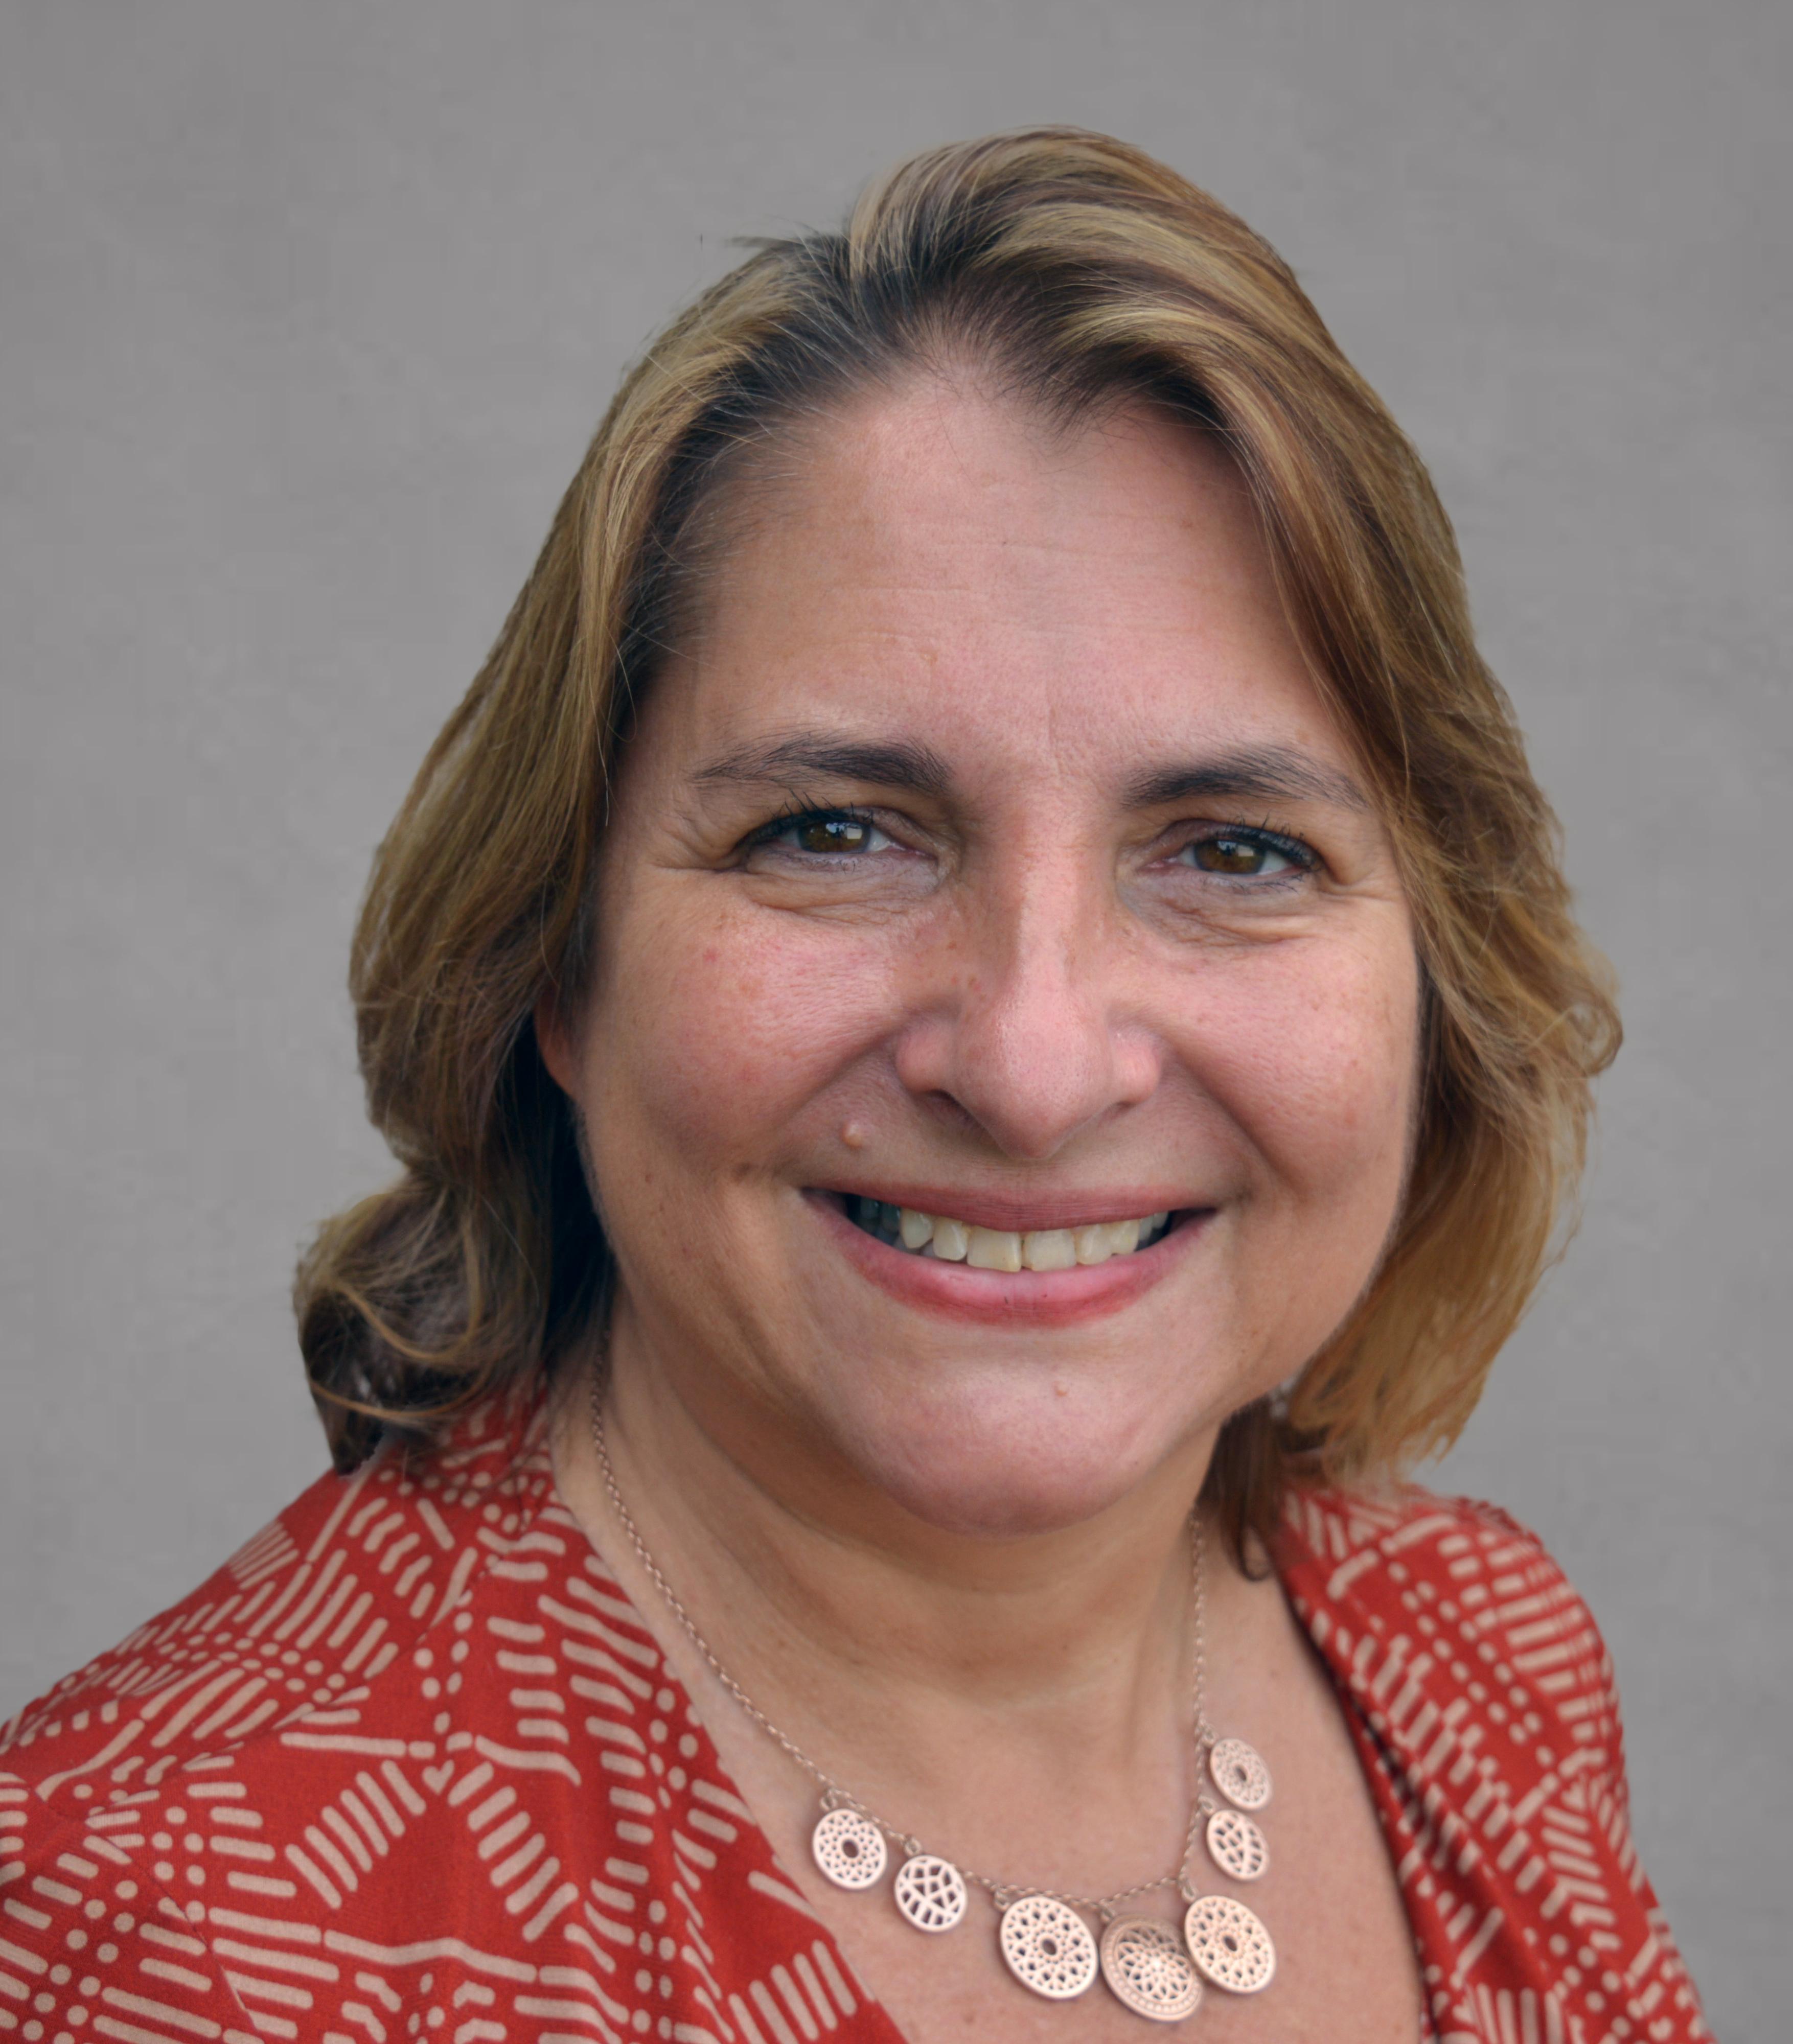 Elizabeth Crowe